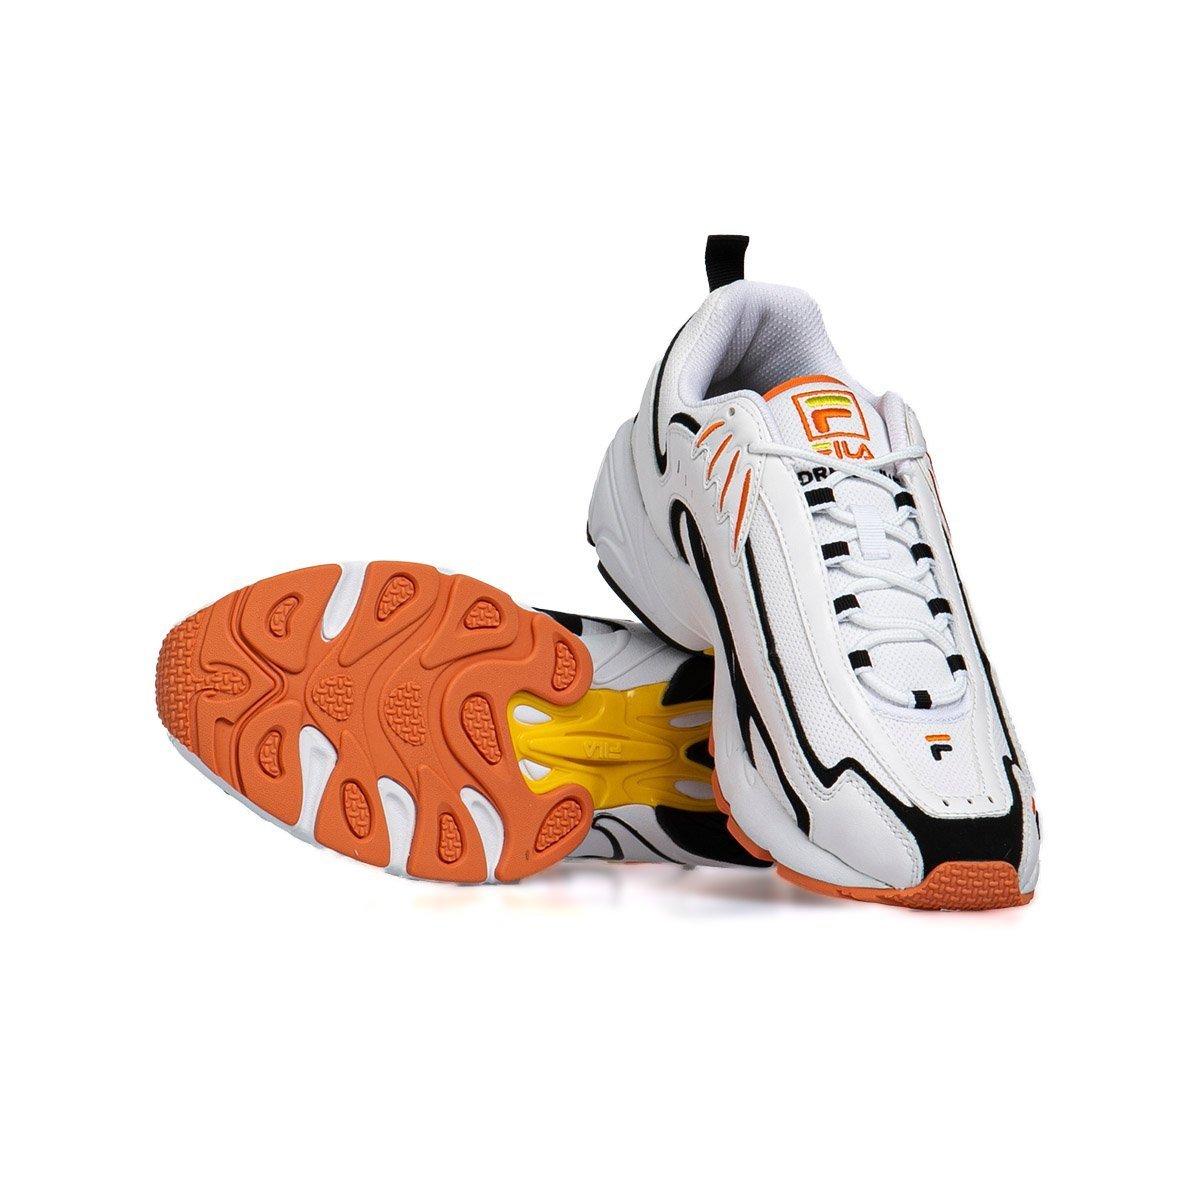 Buty Sneakers Fila Adrenaline Low białe (1010827.90T)